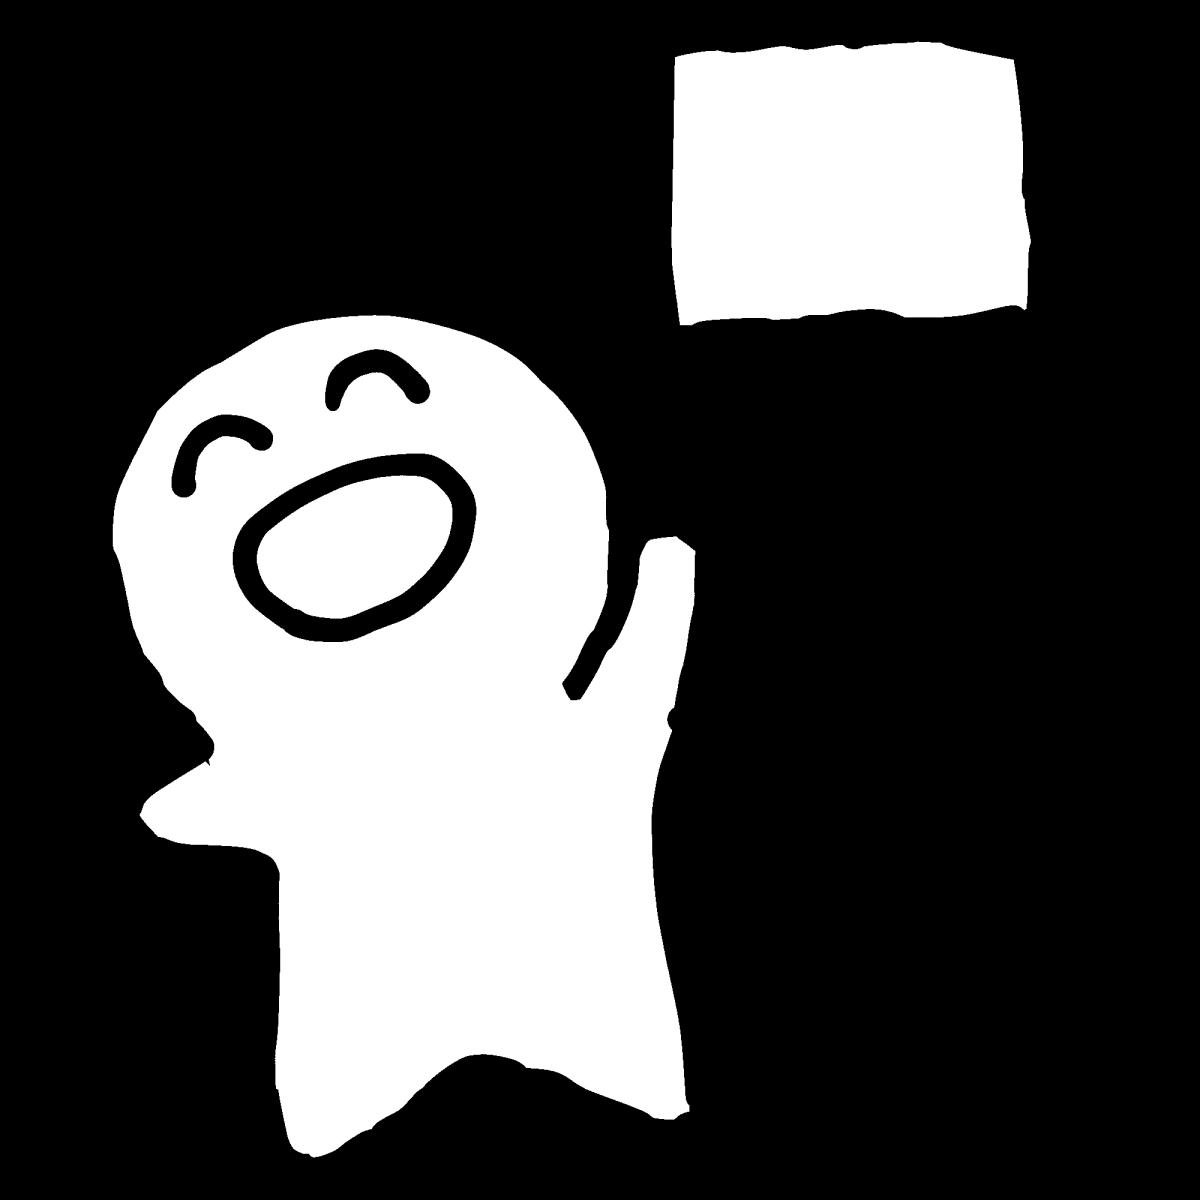 小さな手旗で応援のイラスト Cheering with small flags  Illustration